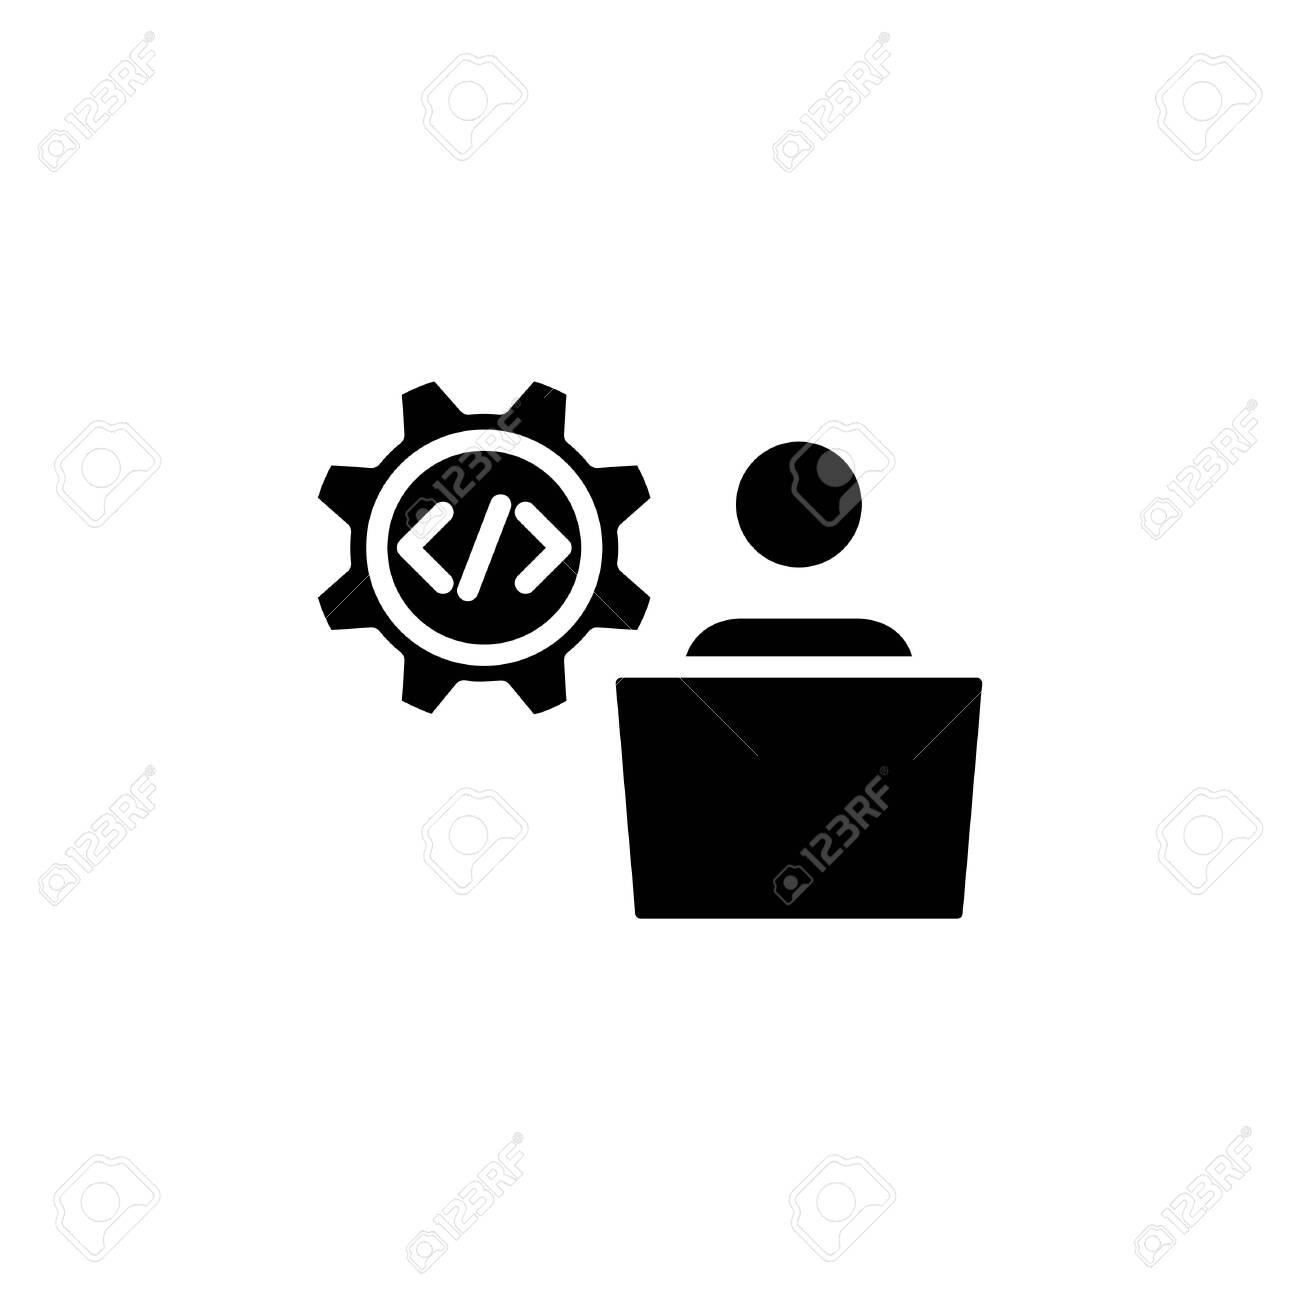 doveloper icon, vector line illustration - 127672097